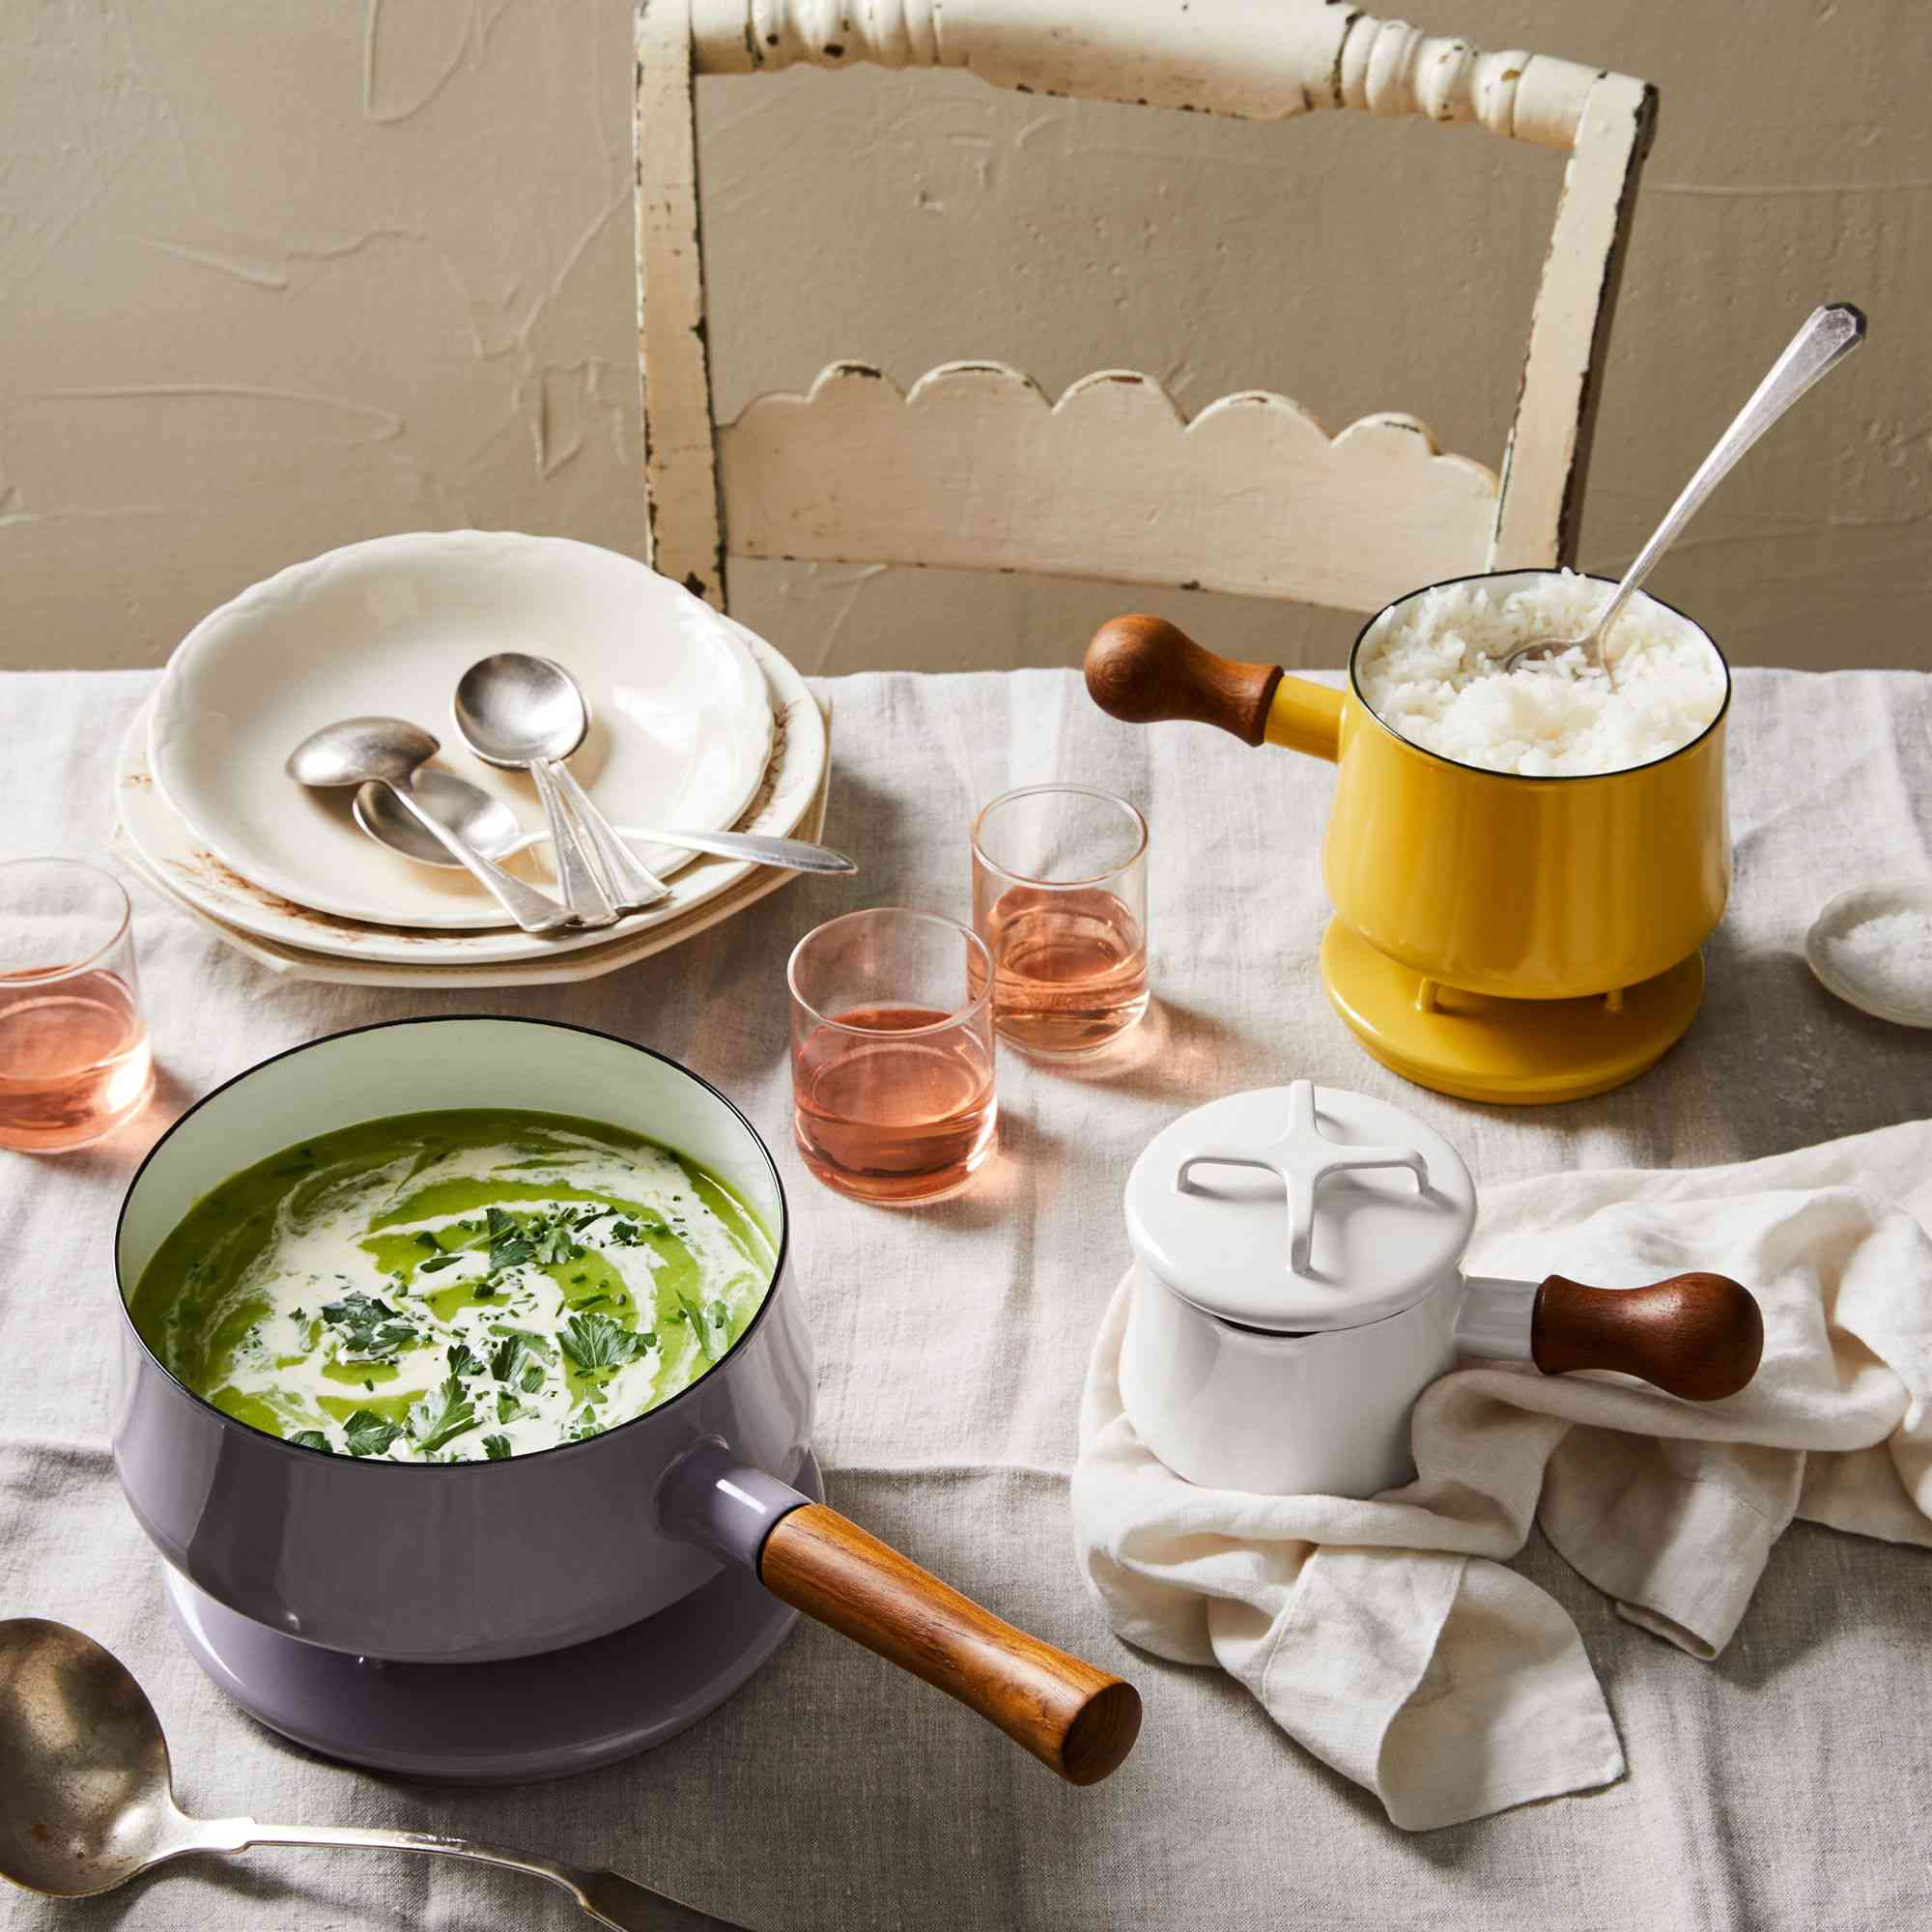 Dansk Kobenstyle 3pc Pastel Cookware Set